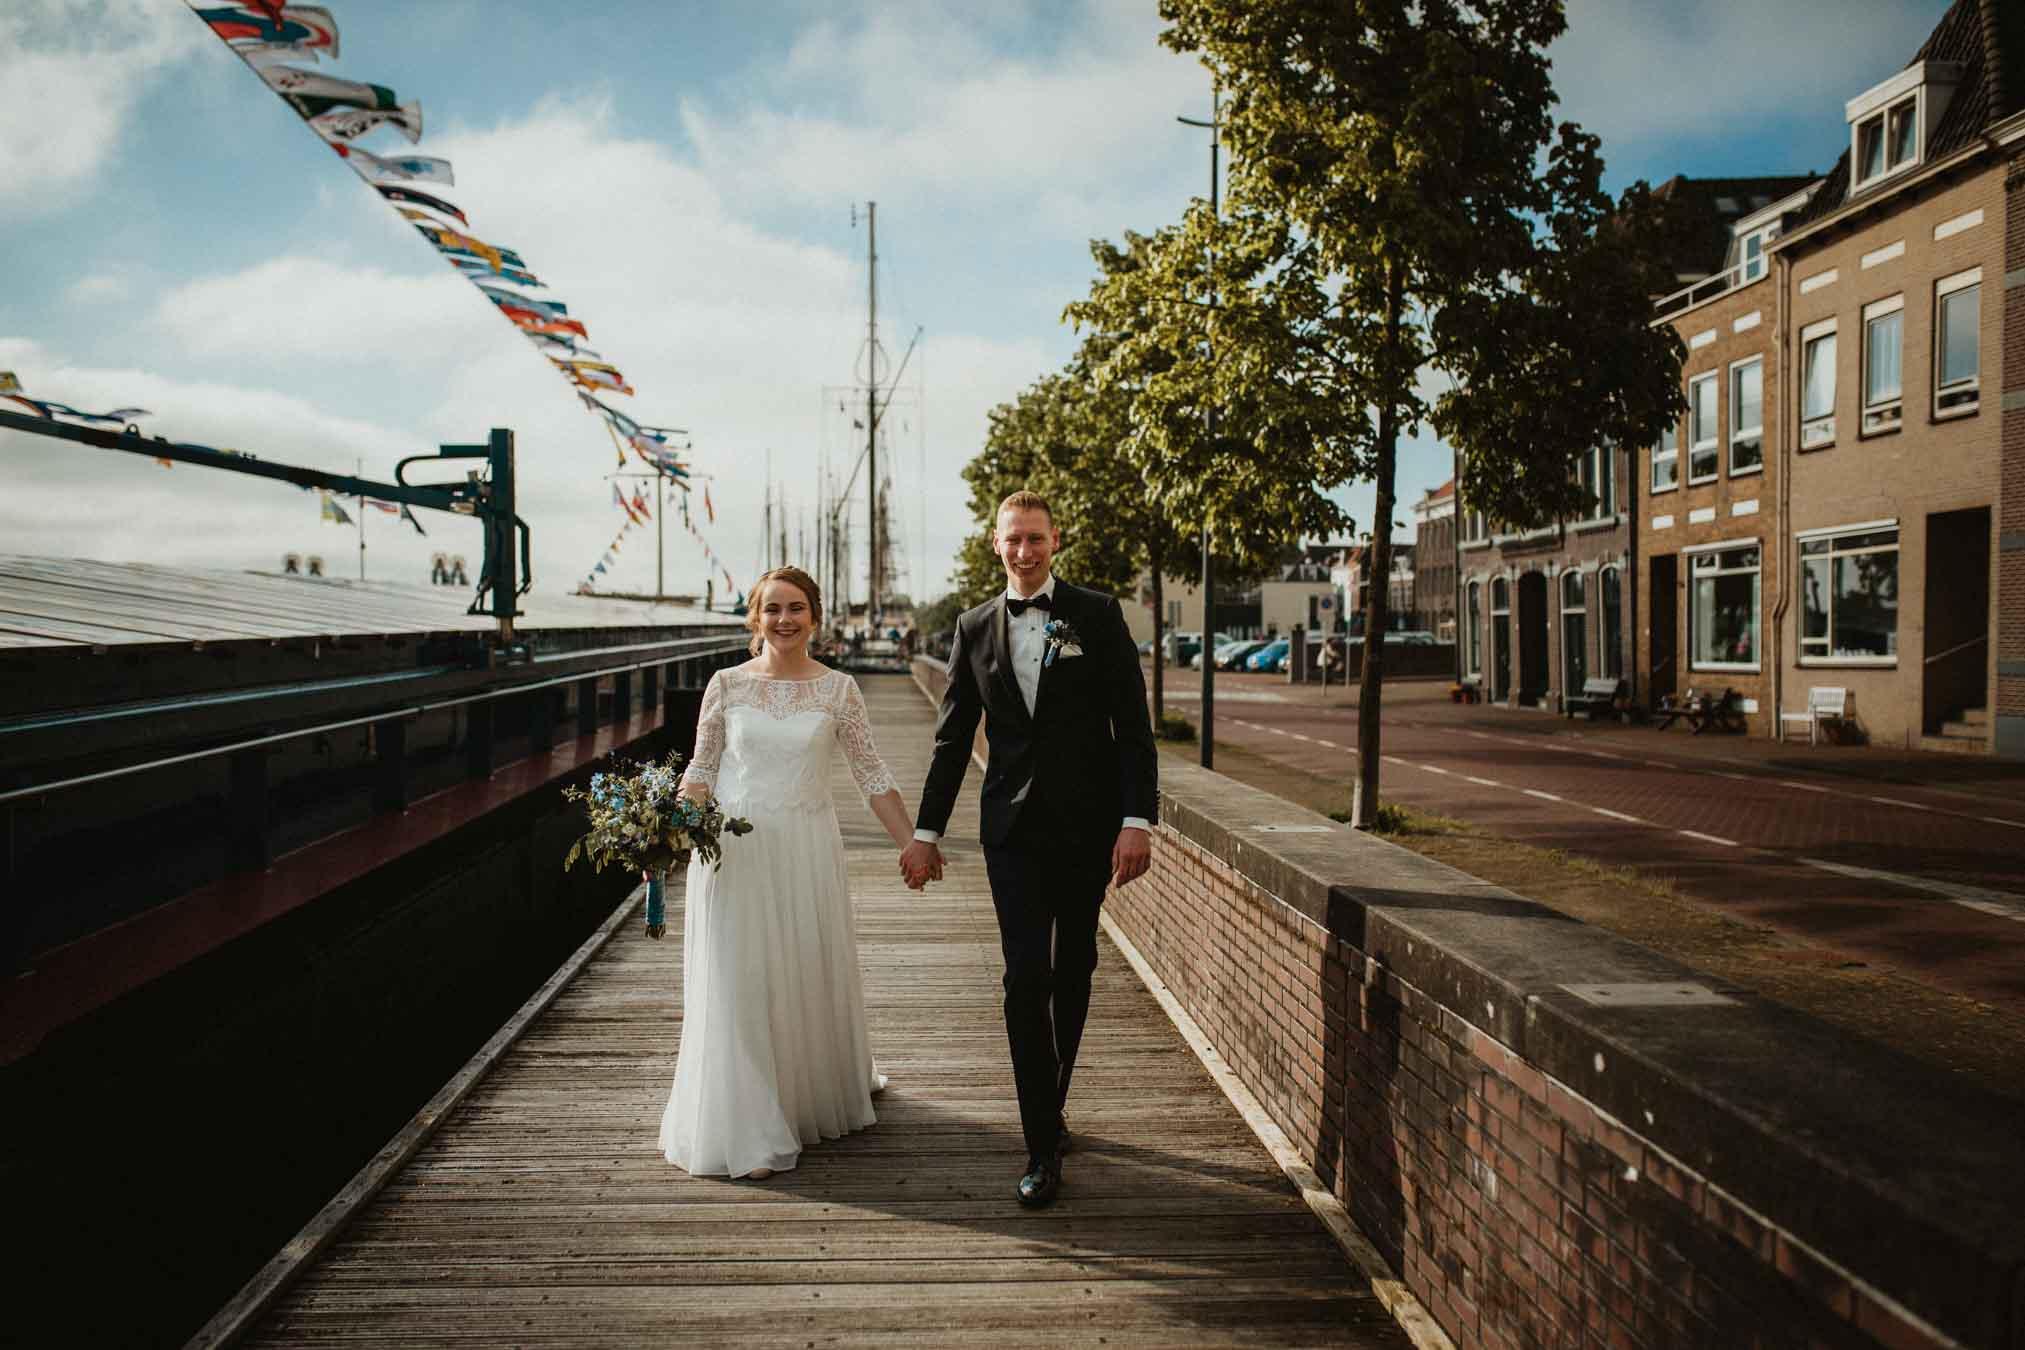 Spontane trouwfotografie spontaan en ongedwongen in Kampen door Ilse Stronks fotografie